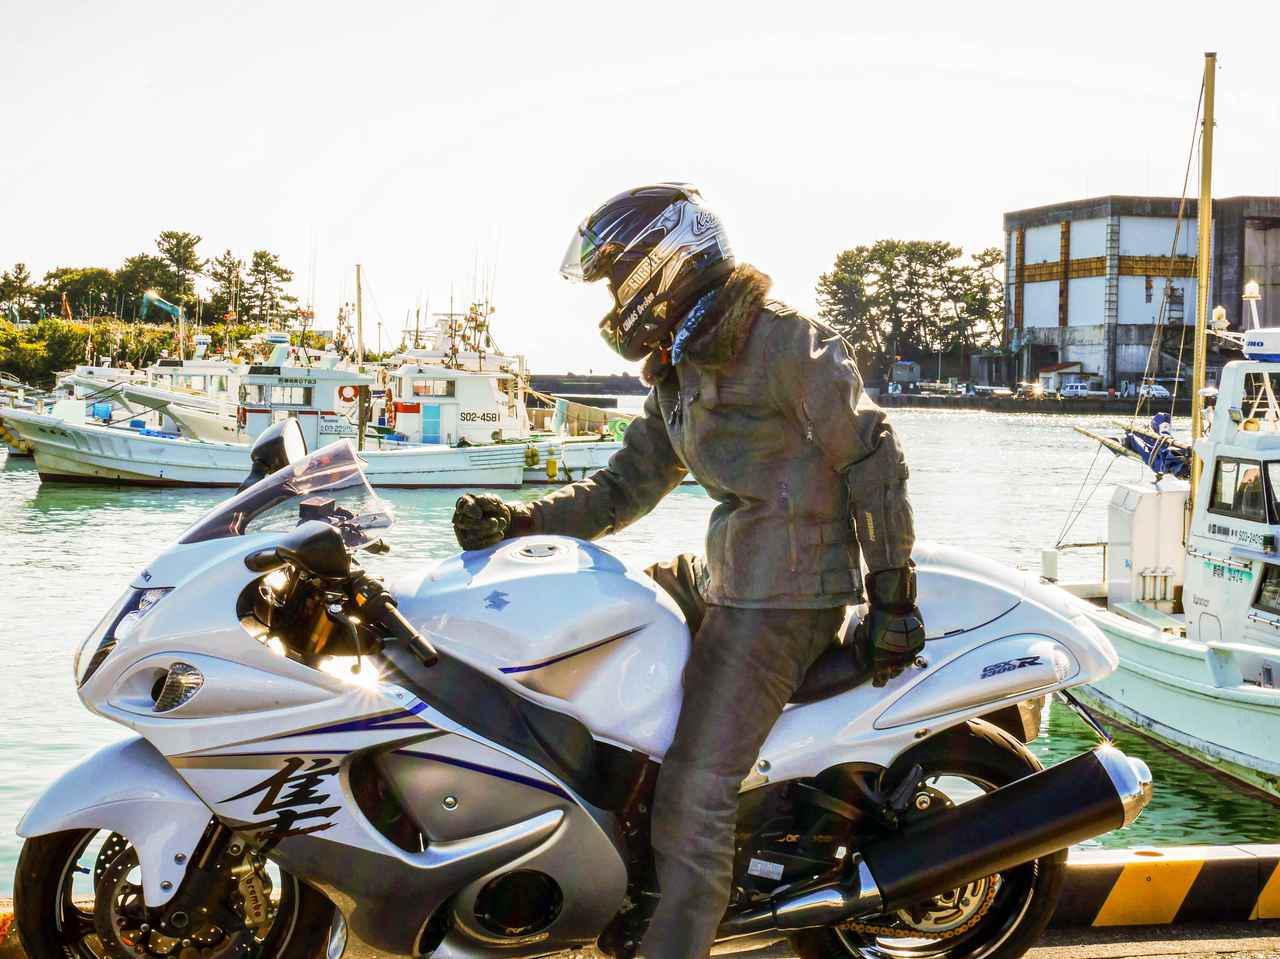 画像: みんなは新型『隼』どう思った? 2代目オーナーの私が190馬力のハヤブサを欲しい!と思った、たったひとつの理由 - スズキのバイク!